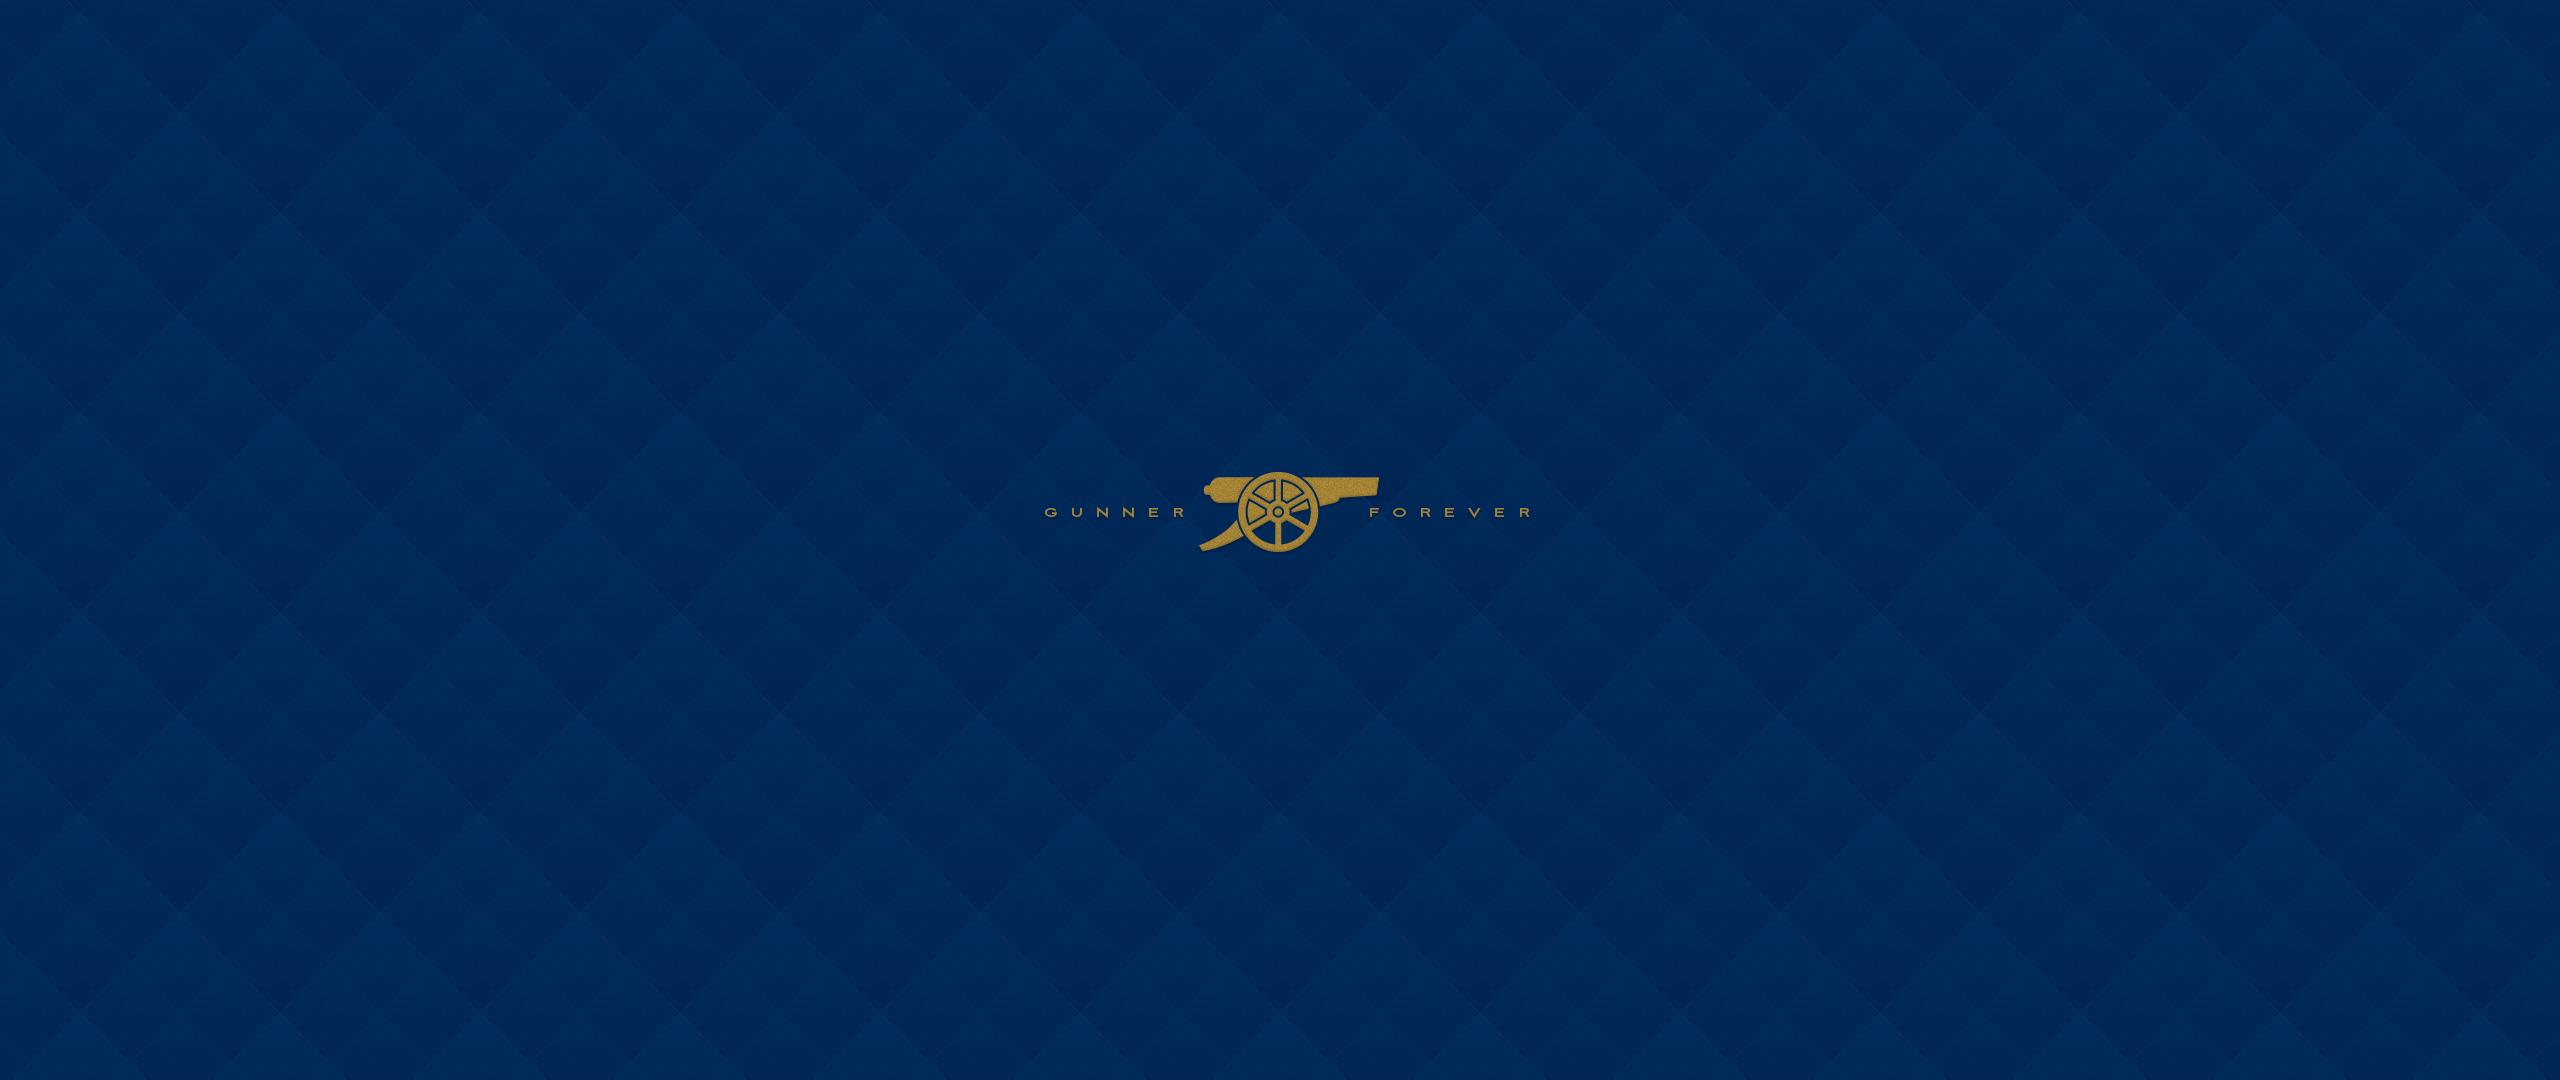 Arsenalcannongoldonnavy 2560px v1